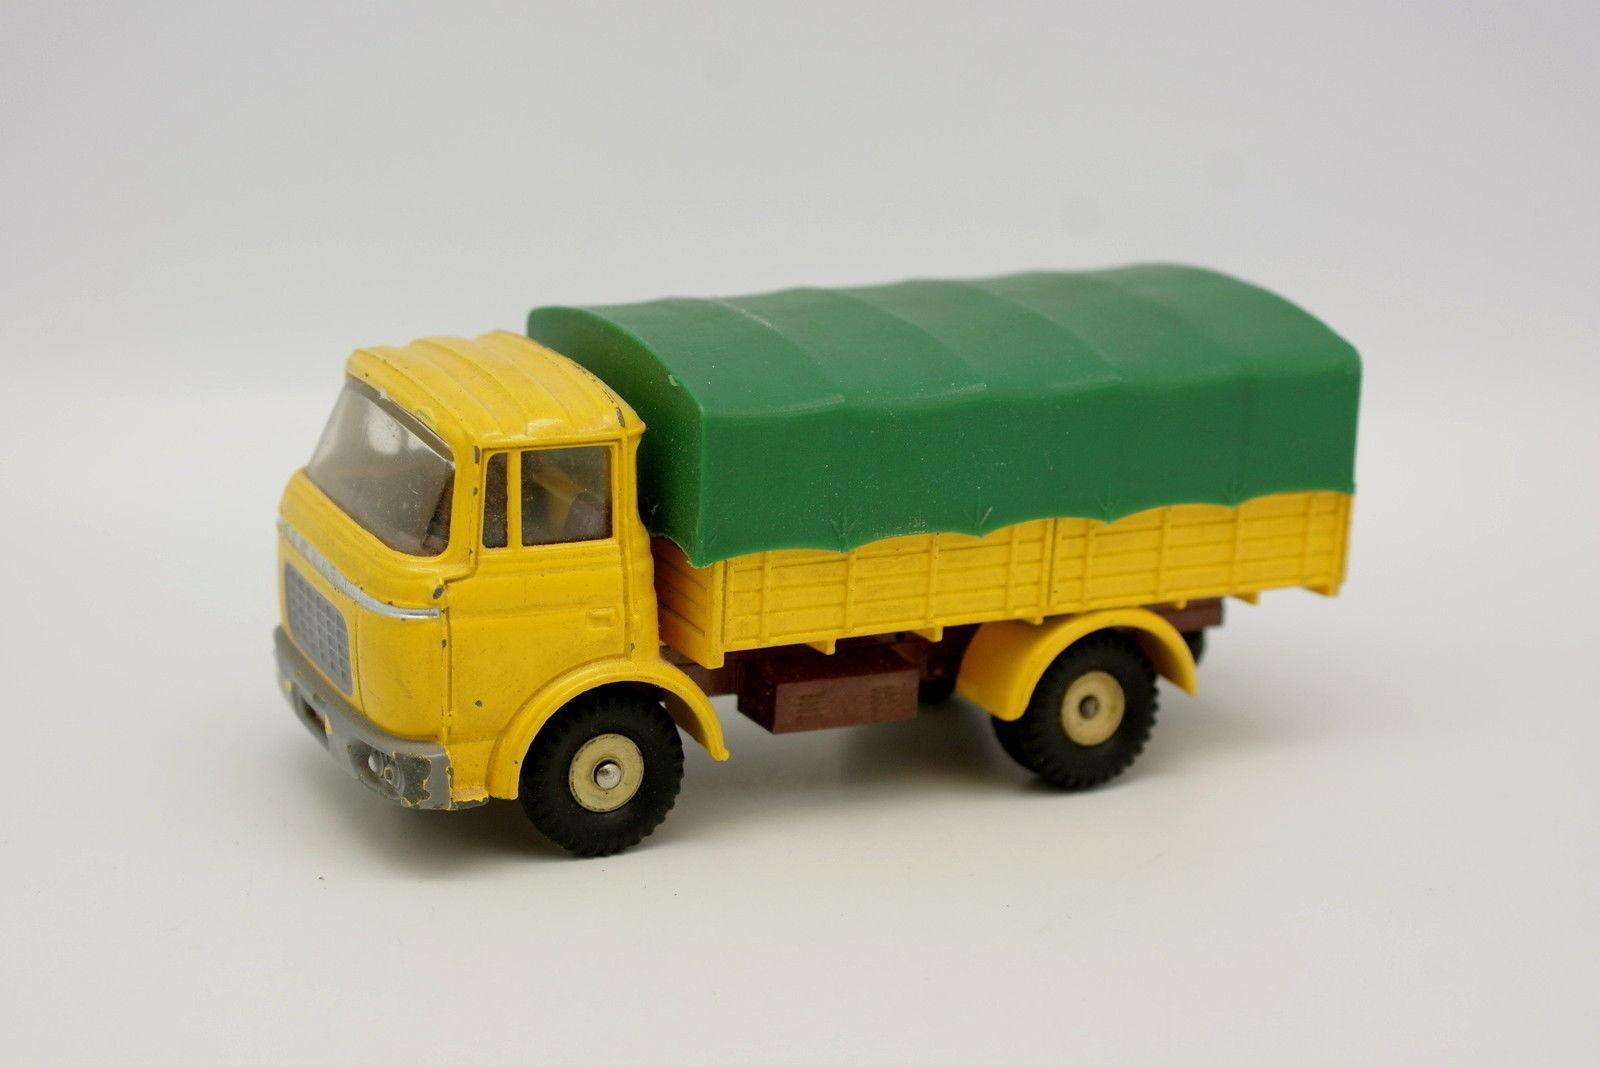 Noël, envoie de la joie Dinky Toys France 1/43 - Berliet GAK Bâché 584 | Outlet Store Online